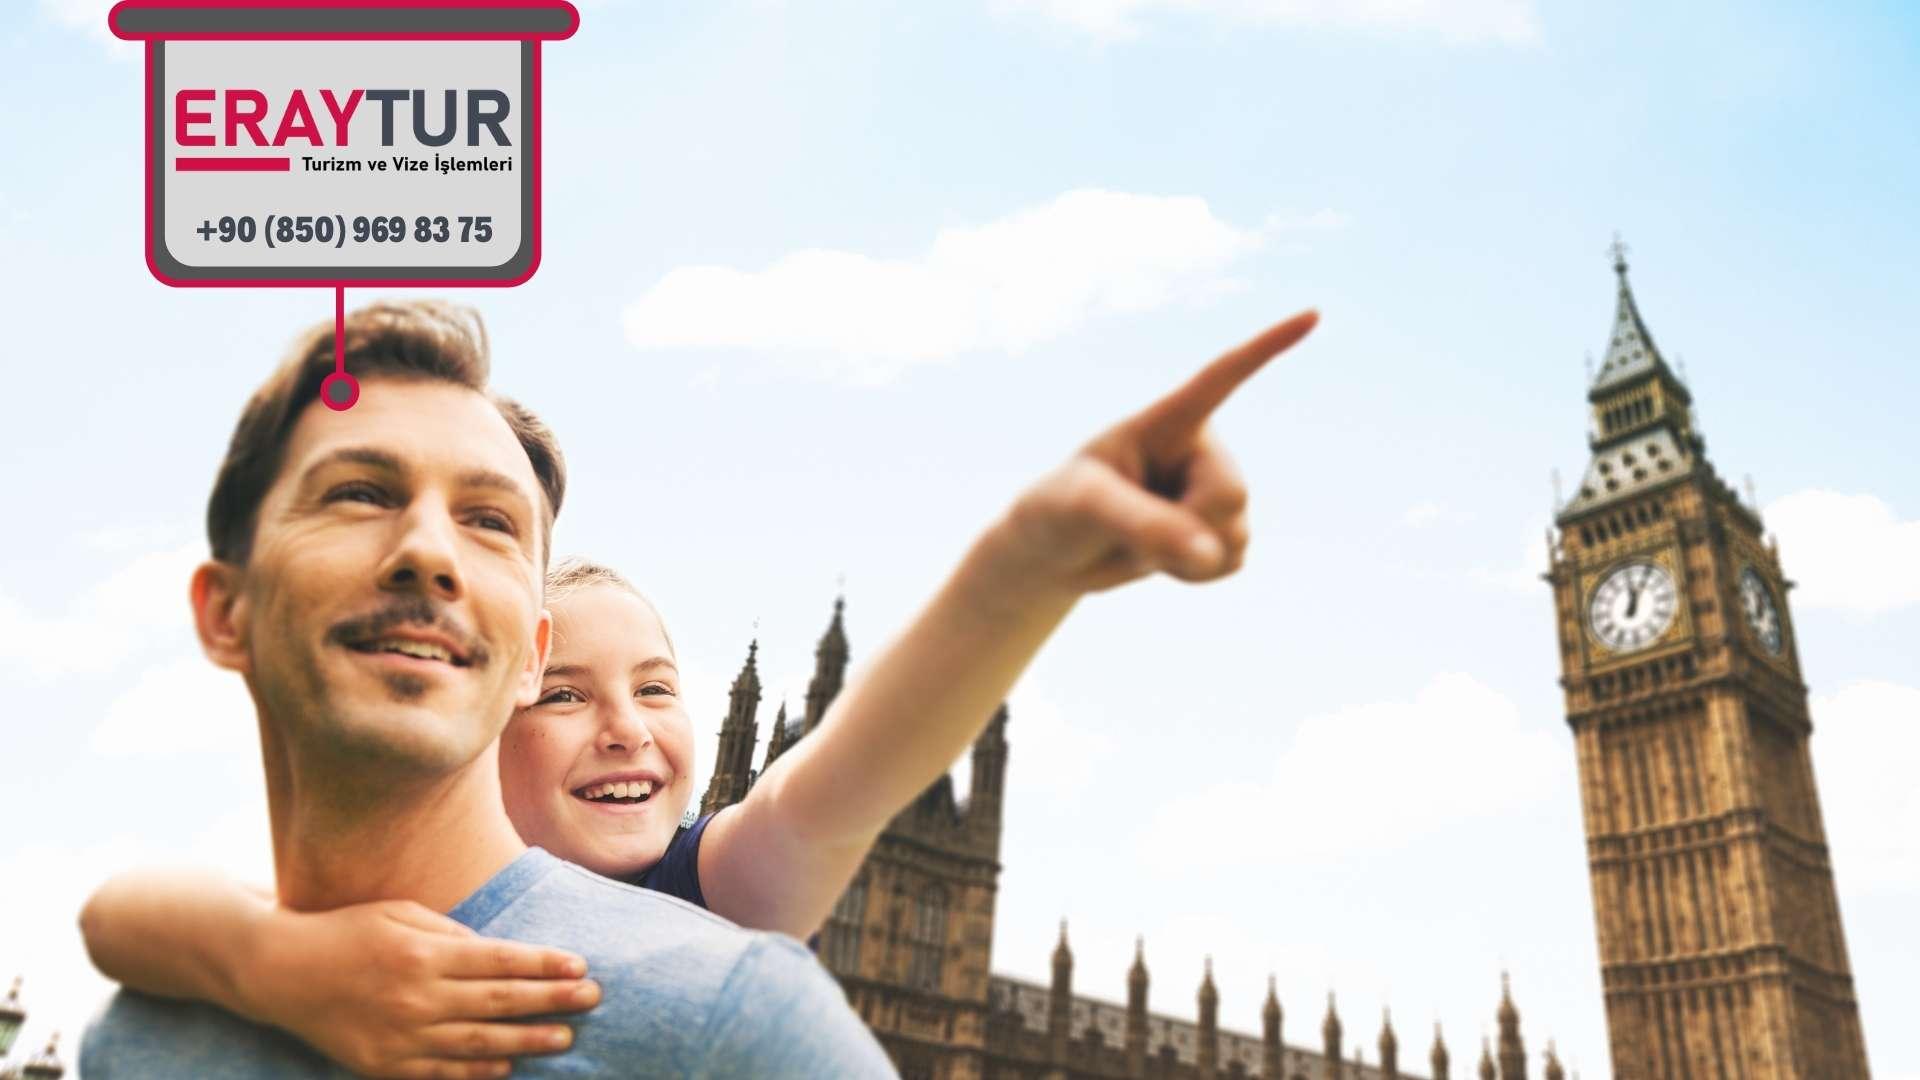 İngiltere Aile Birleşimi Vizesi İçin Gerekli Evraklar